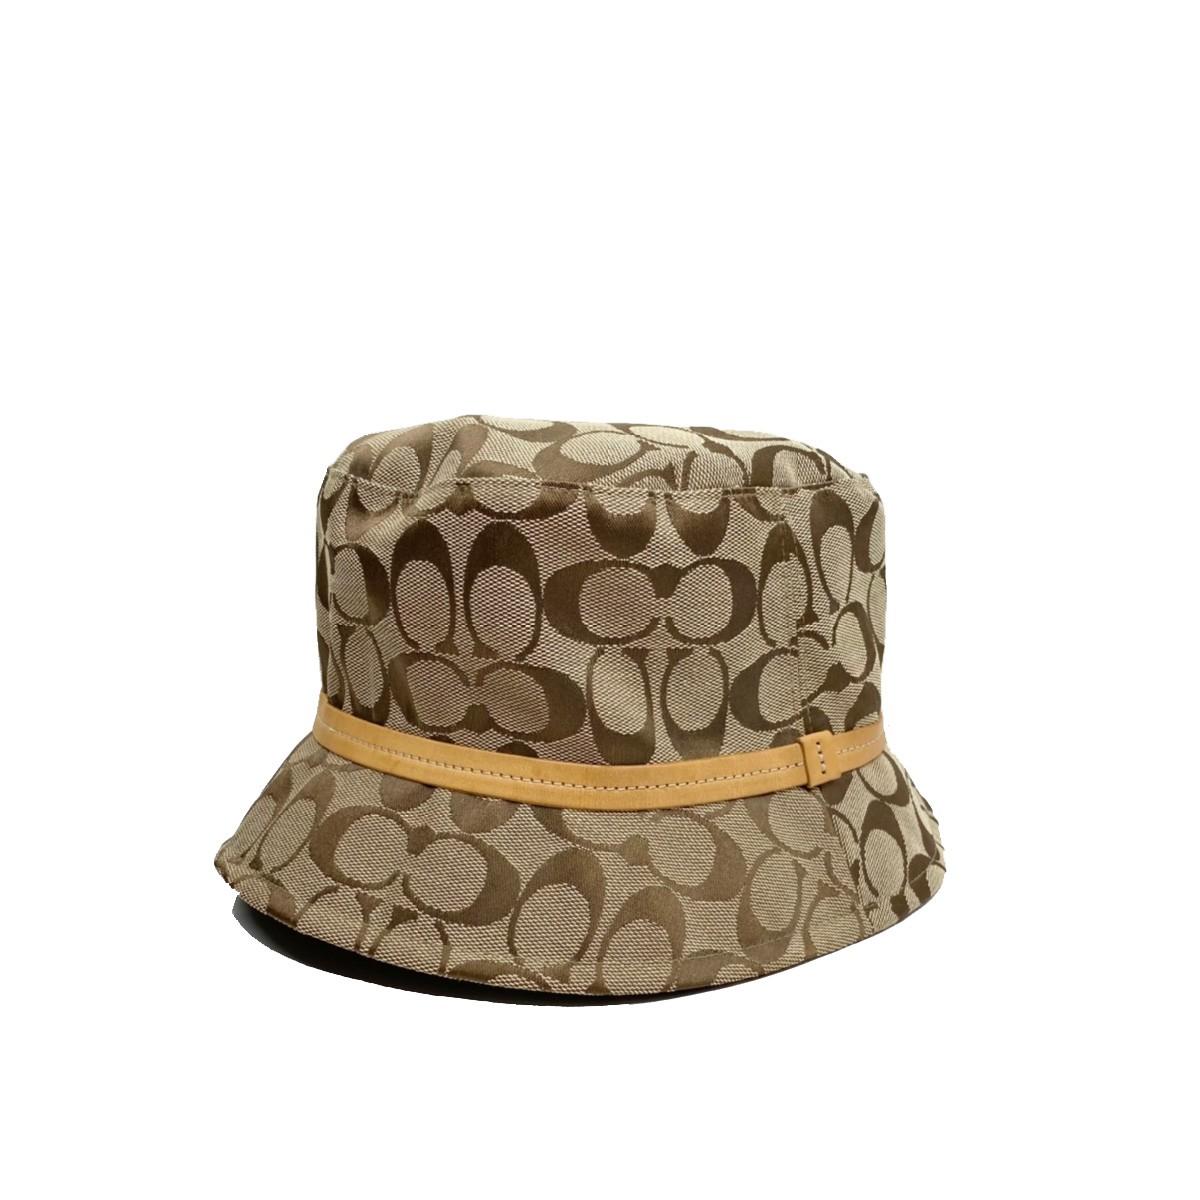 【中古】COACH コーチ シグネチャー ハット 帽子 服飾 帽子  Beige/ベージュ  used:B